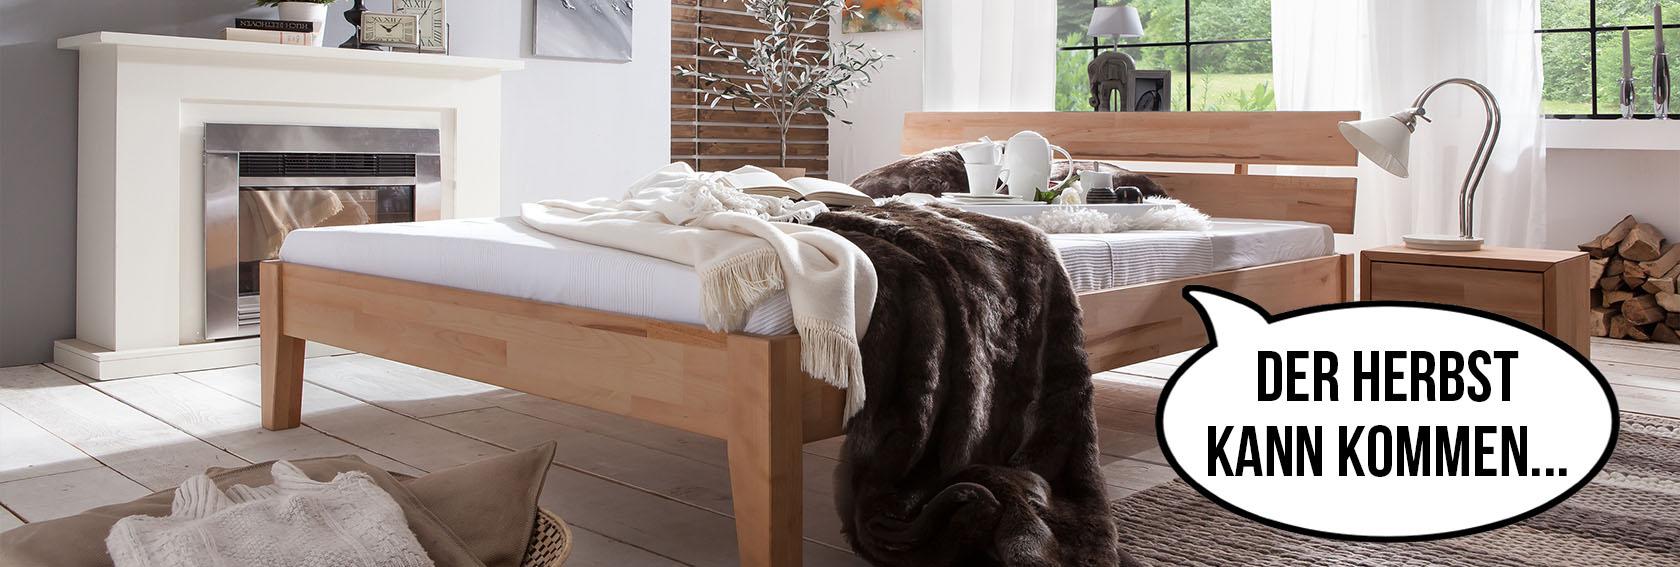 caro m bel der m bel online shop angebote und gutscheine. Black Bedroom Furniture Sets. Home Design Ideas